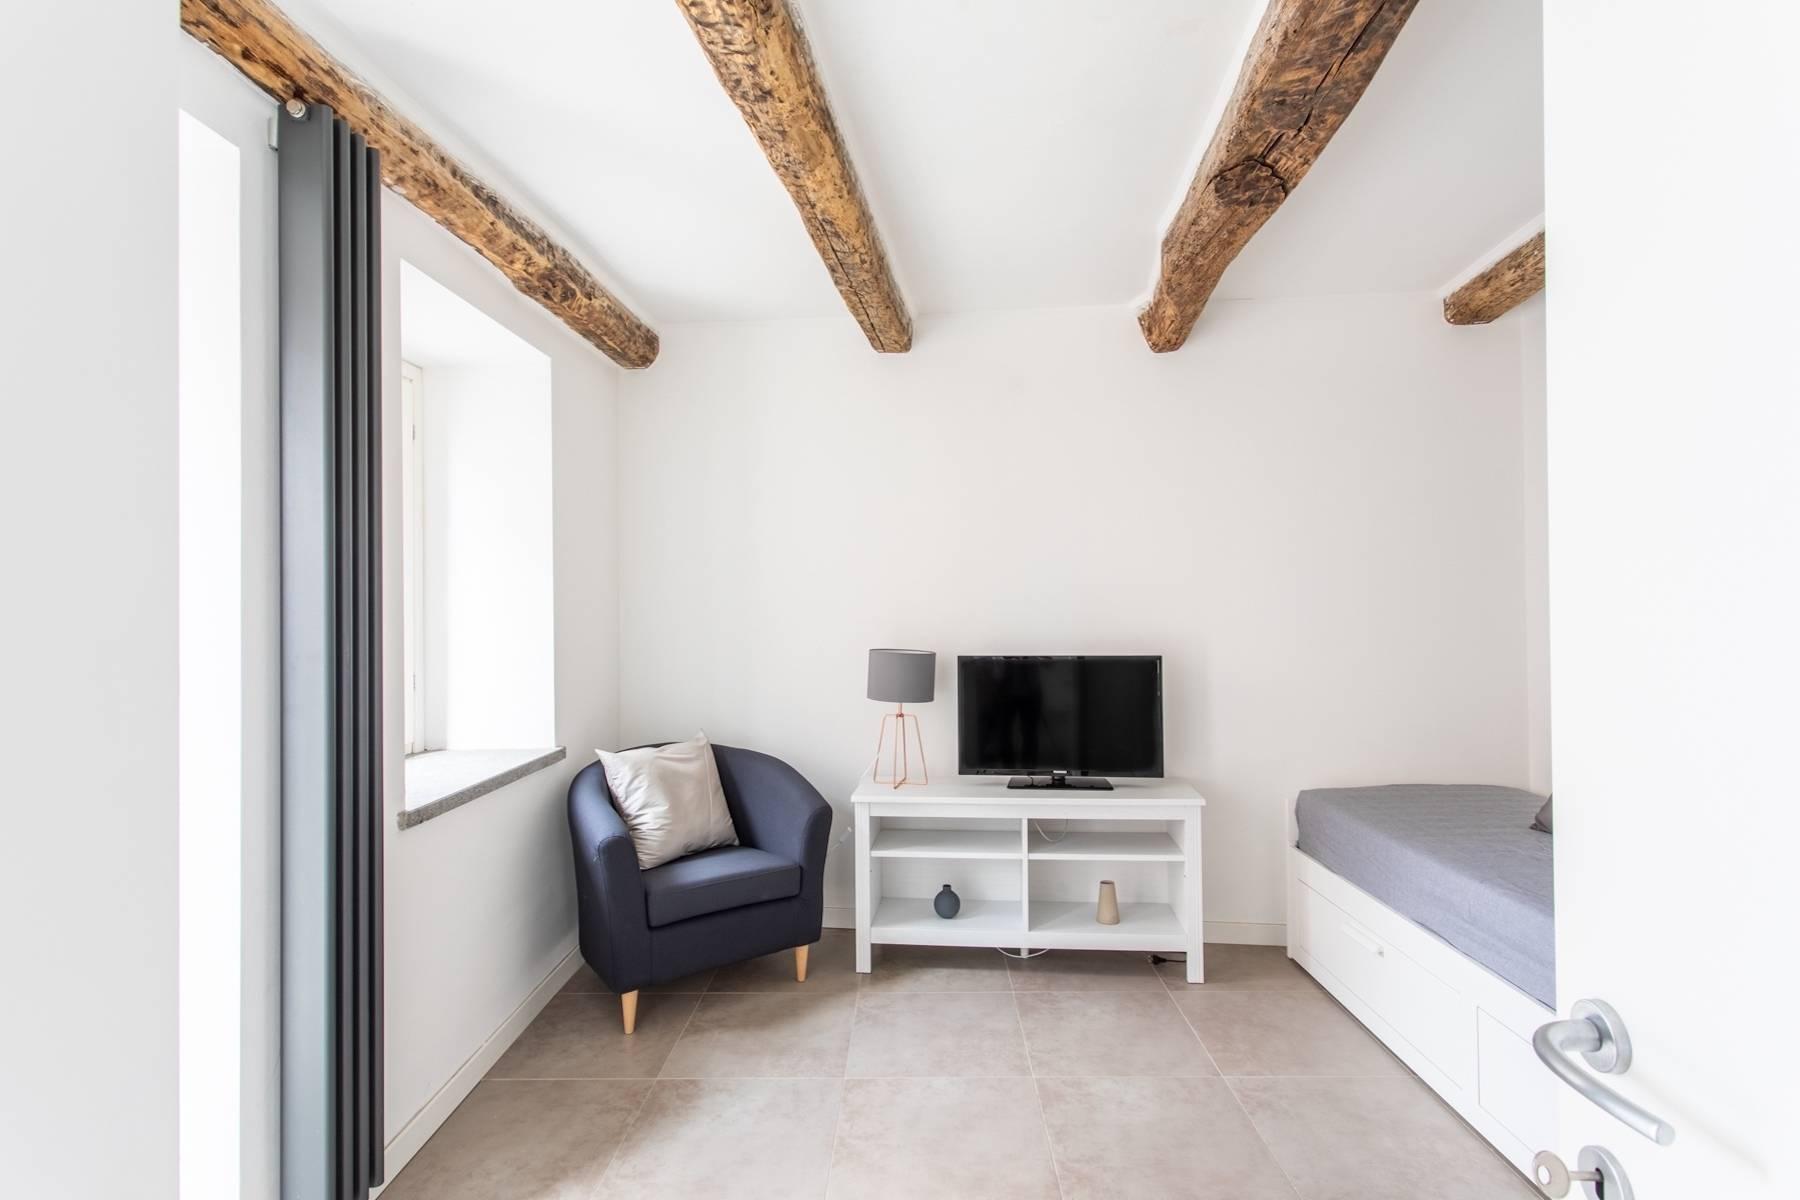 Appartamento in Vendita a Trevignano Romano: 4 locali, 85 mq - Foto 17